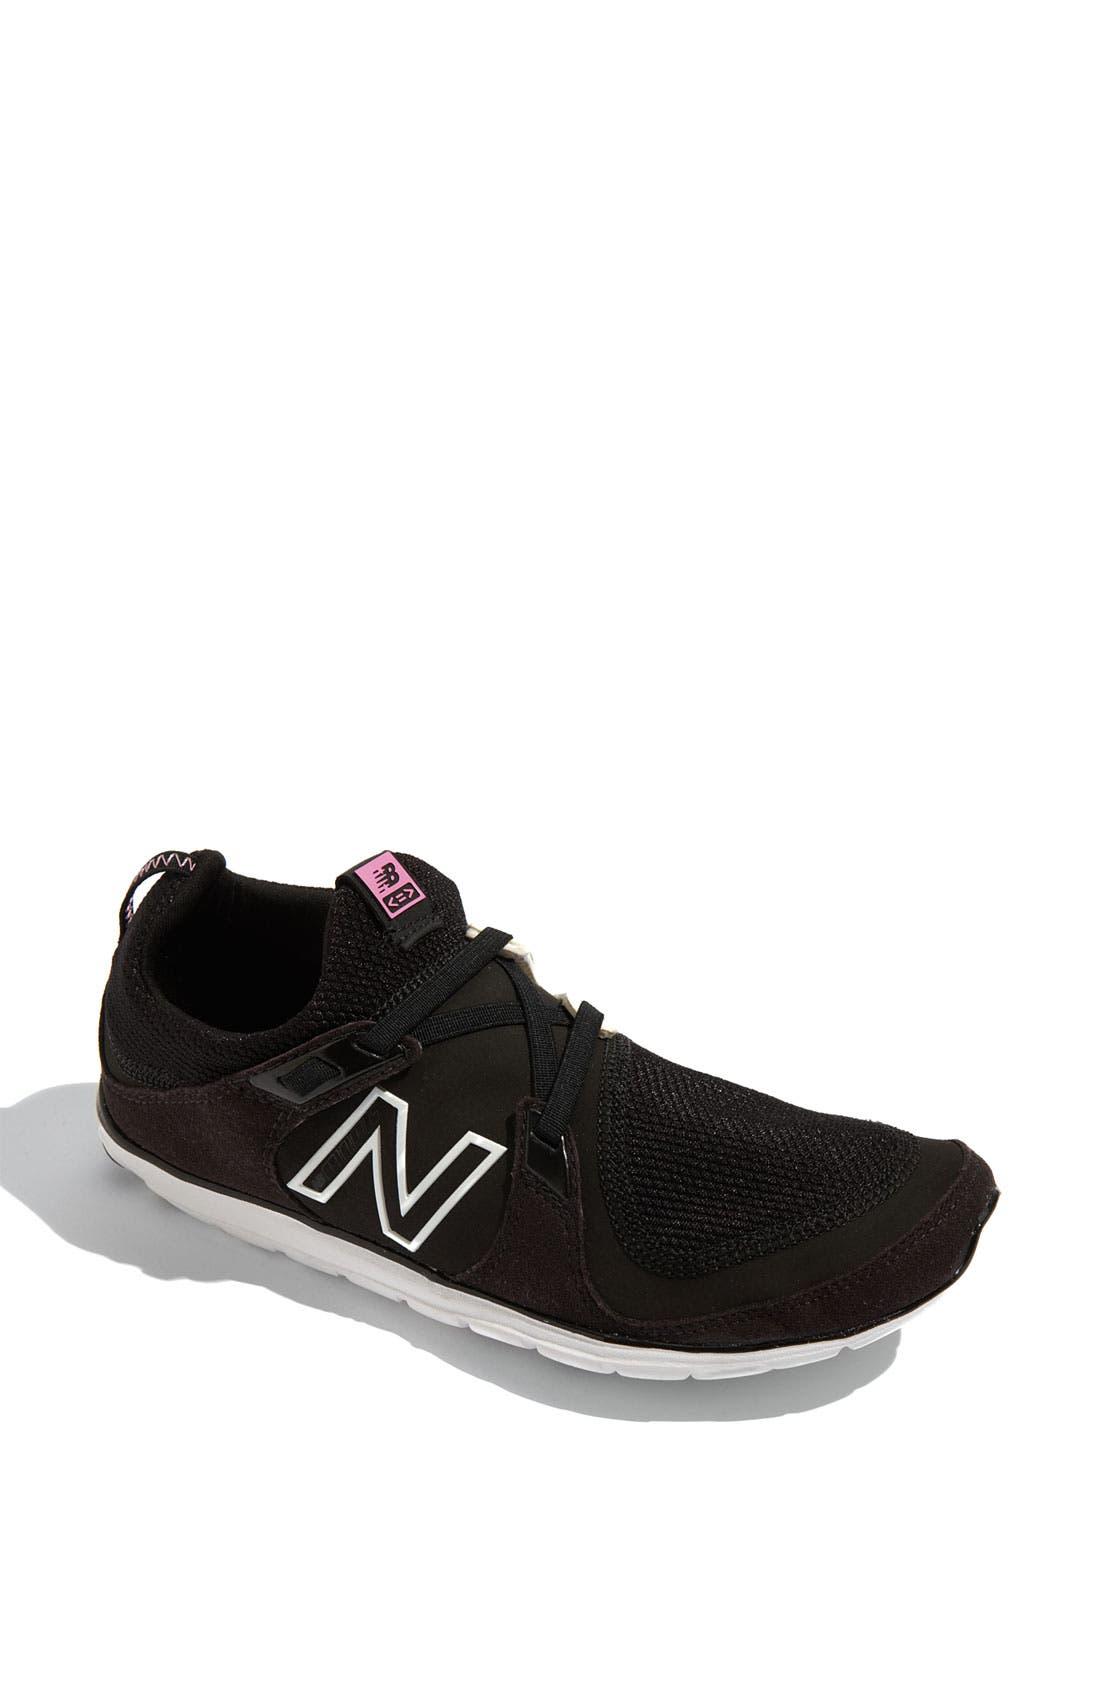 Alternate Image 1 Selected - New Balance 'Minimus' Walking Shoe (Women)